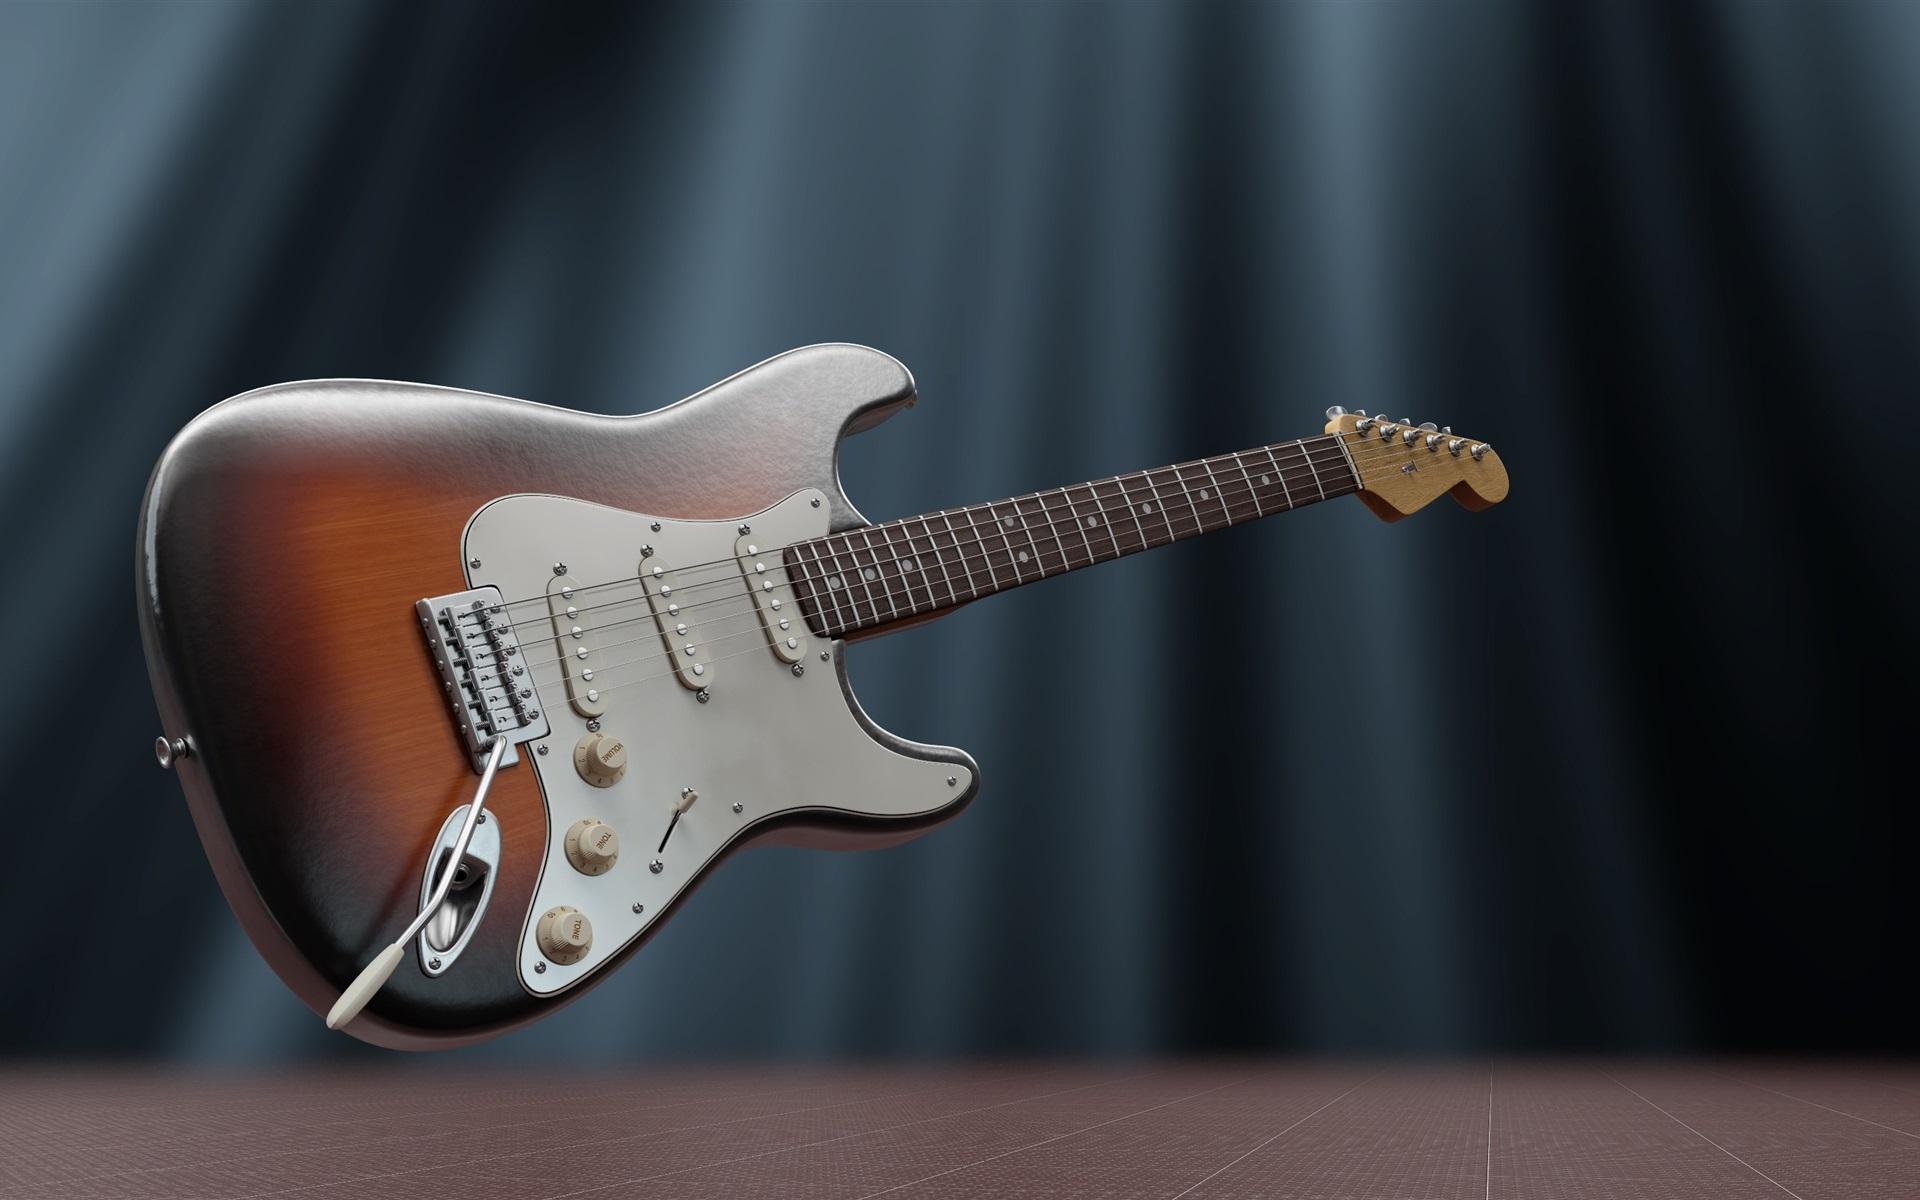 Fonds d'écran Guitare électrique 2880x1800 HD image